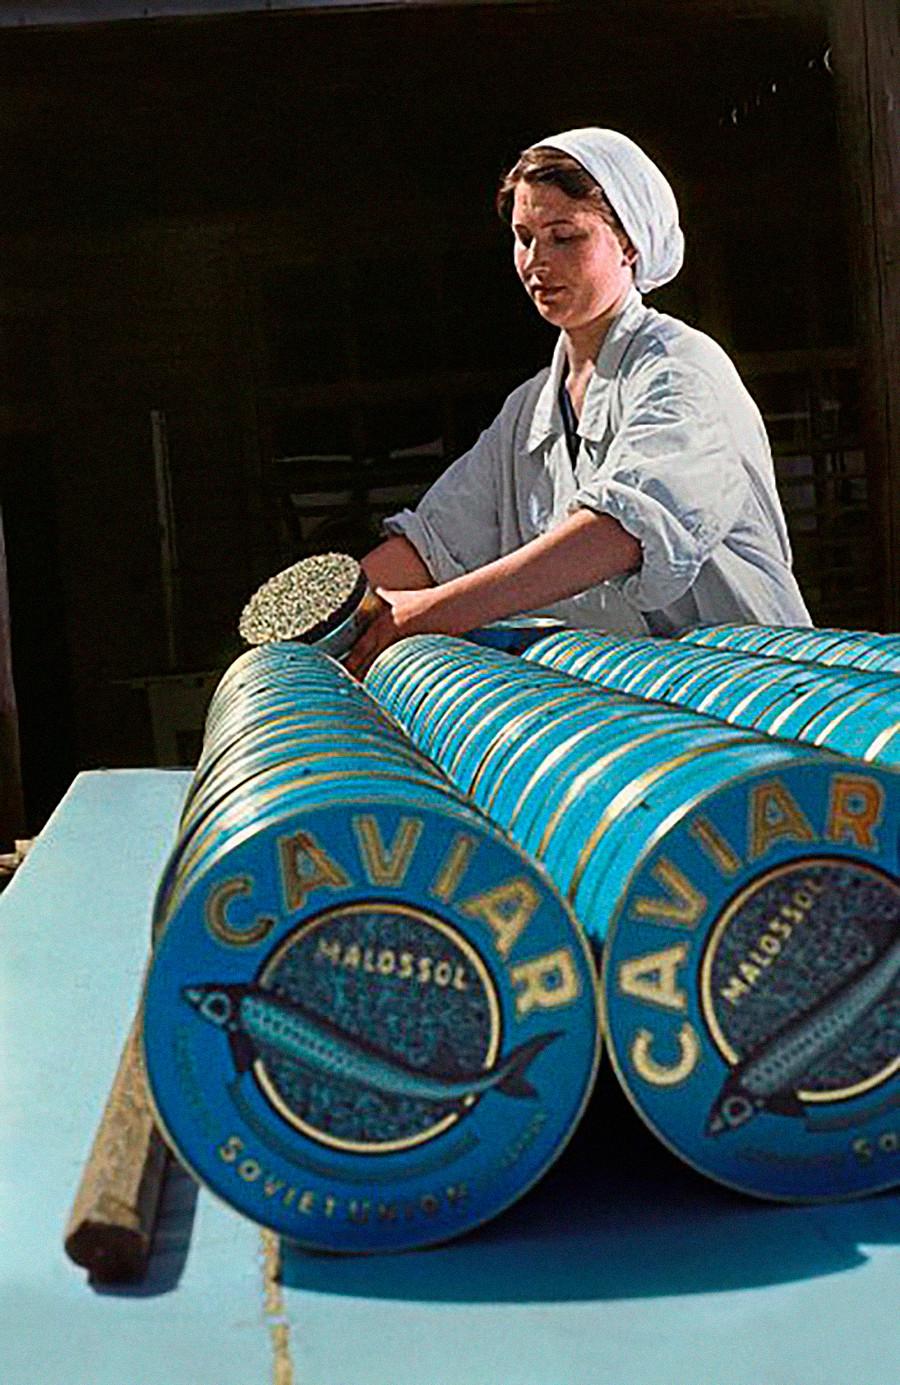 アストラハン(ヴォルガ川沿岸にある南部の都市)のキャビア量産工場の女性労働者